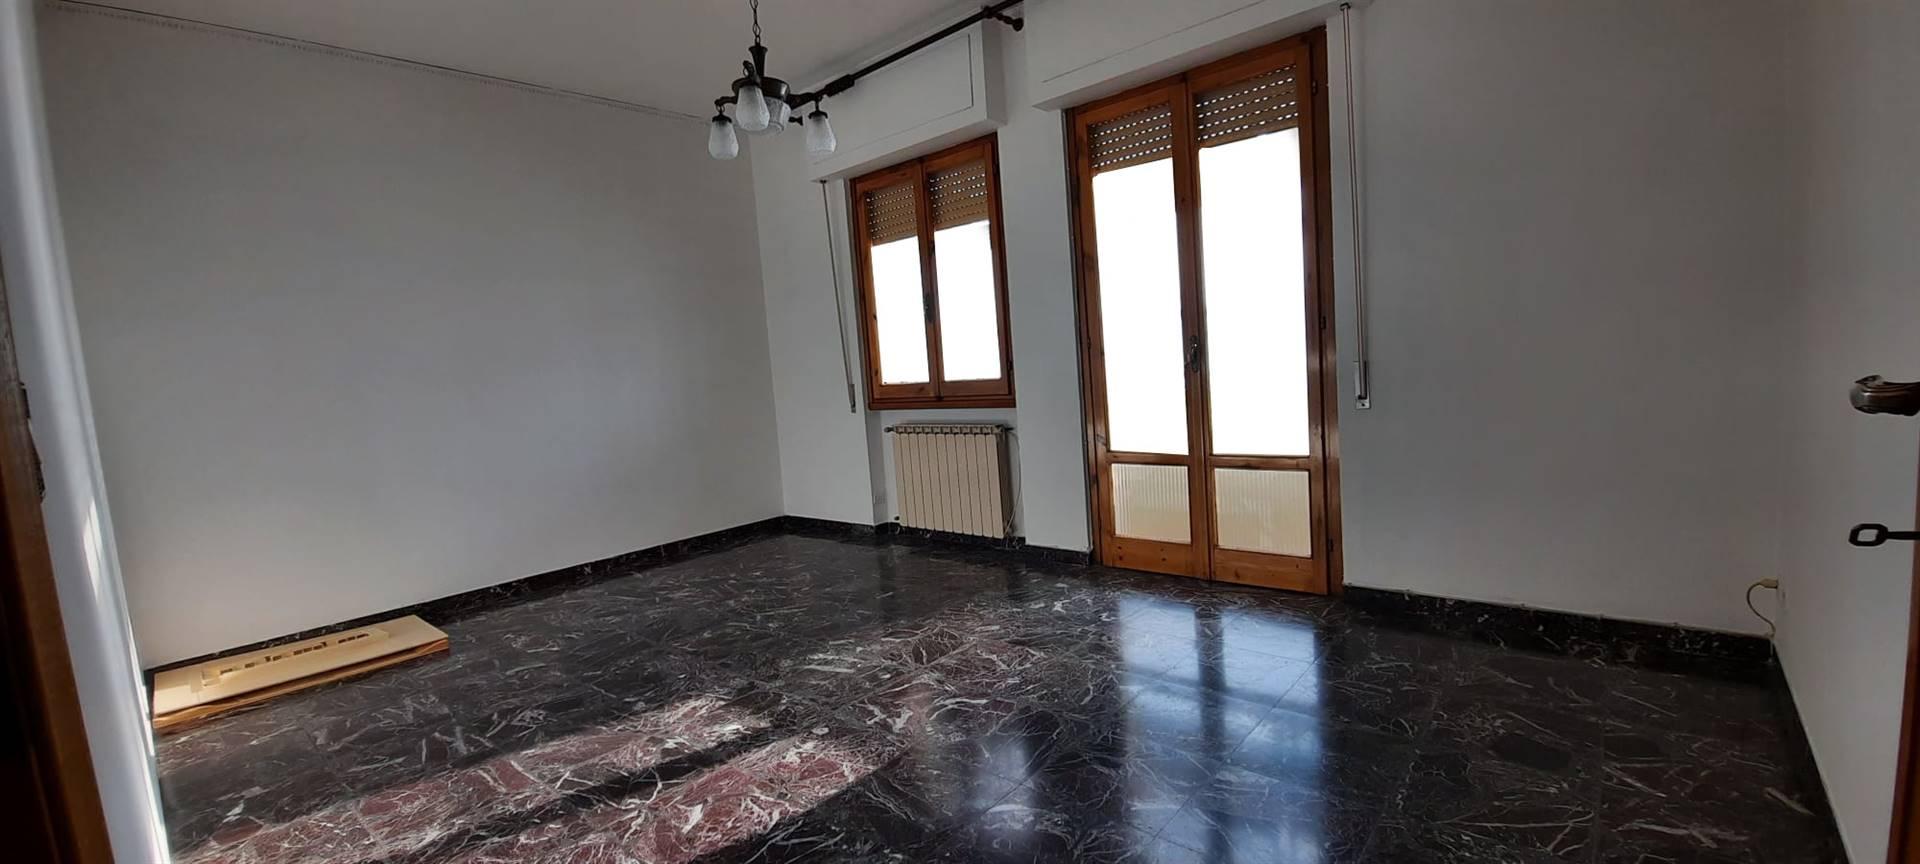 Appartamento in vendita a San Giovanni Valdarno, 4 locali, zona ro, prezzo € 148.000 | PortaleAgenzieImmobiliari.it